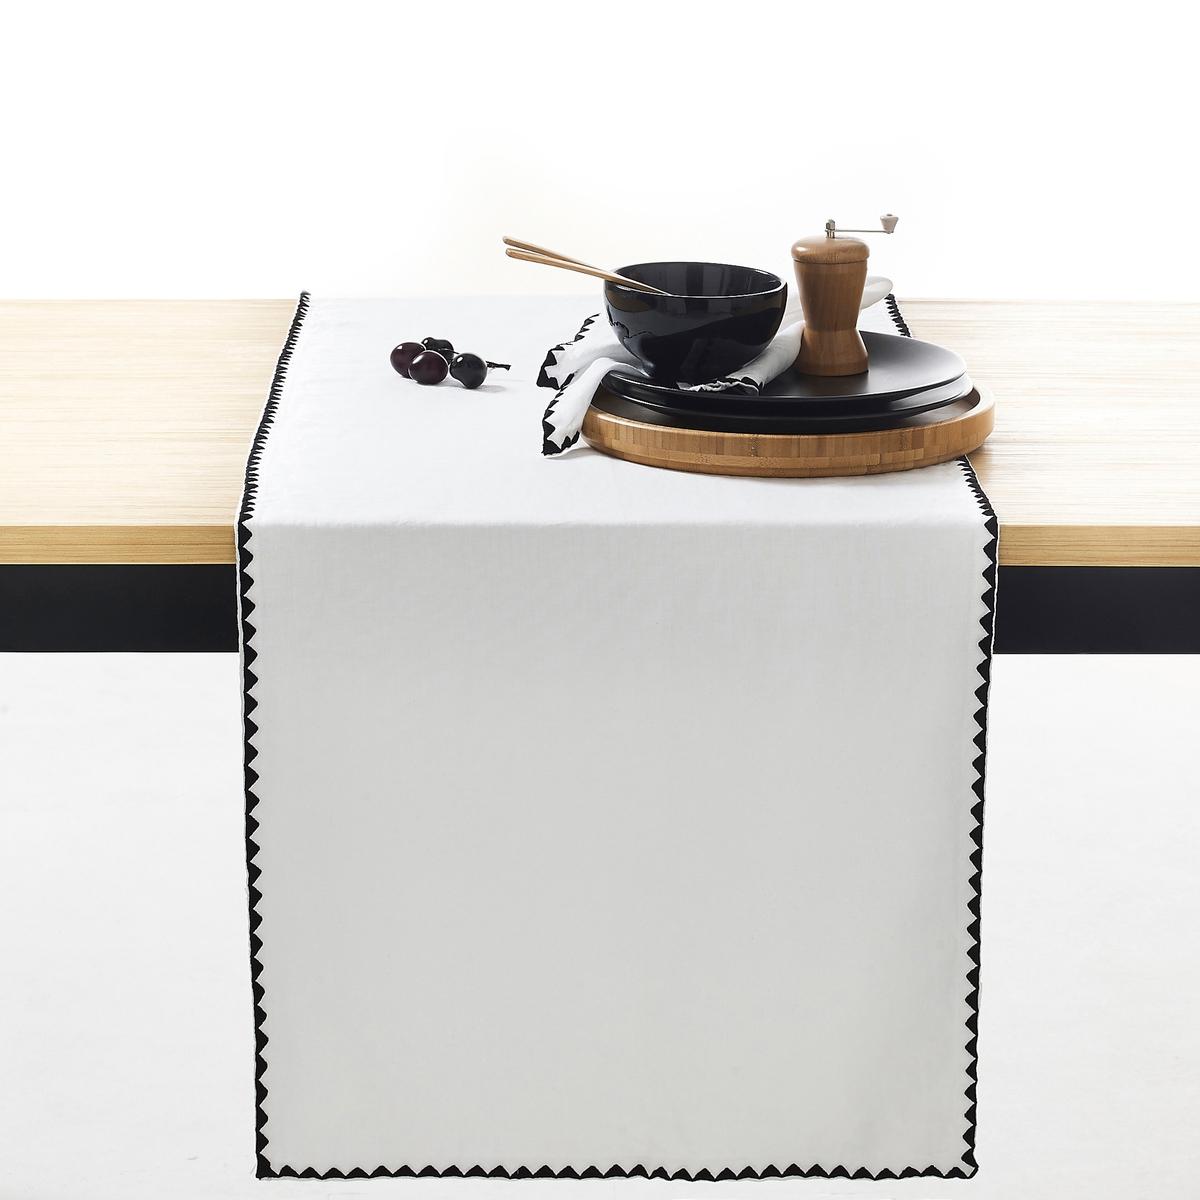 Дорожка столовая однотонная из льна/хлопка, ADRIOХарактеристики столовой дорожки Adrio :  45% льна, 55% хлопка: смесь волокон льна и хлопка, известная своей мягкостью и стойкостью к износу и стиркам.Вышивка в виде треугольников черного цвета. Машинная стирка при 60 °С. Всю коллекцию Adrio вы можете найти на сайте laredoute.ruРазмеры столовой дорожки Adrio :50 x 150 см<br><br>Цвет: белый,серый жемчужный,синий индиго